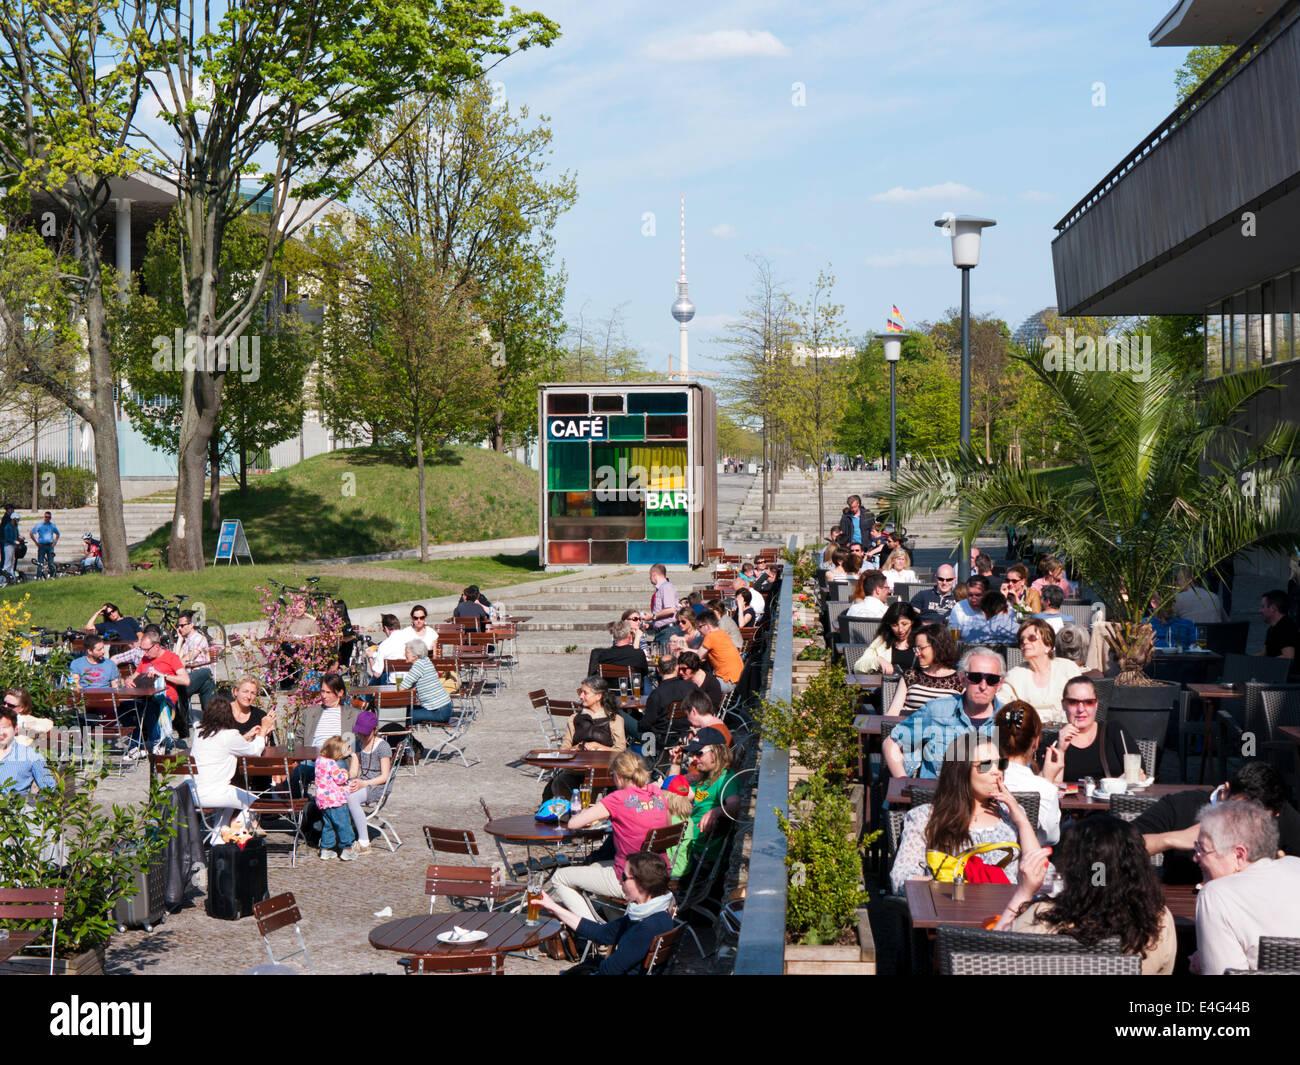 Un cafe bar ristorante al di fuori della casa di mondi culture a Berlino Germania Immagini Stock